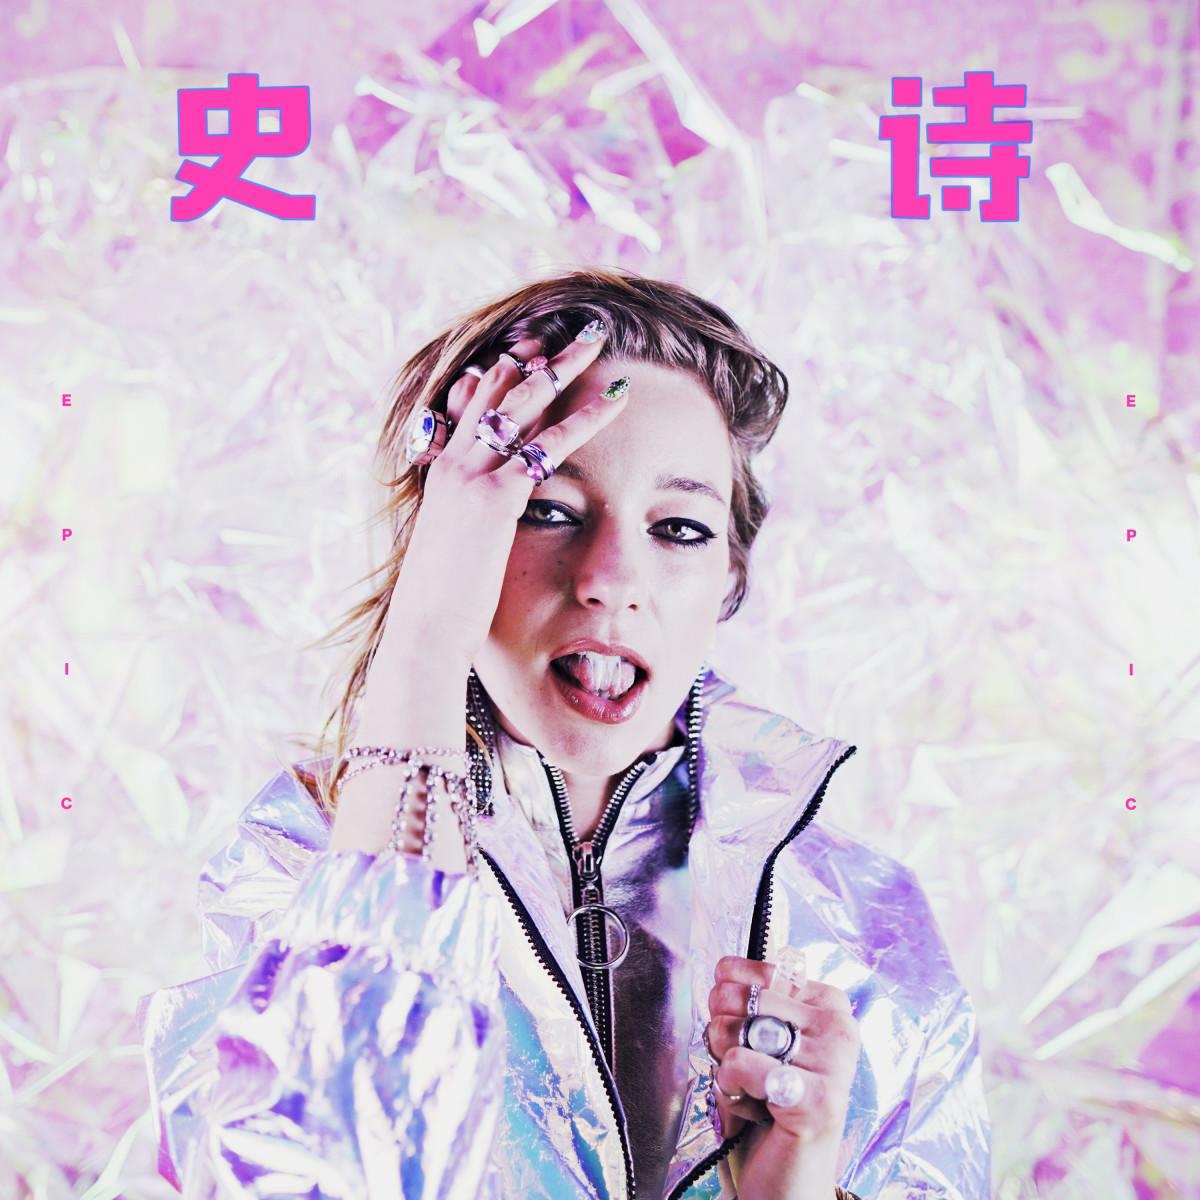 C.O.W. 牛 - EPIC Album Artwork